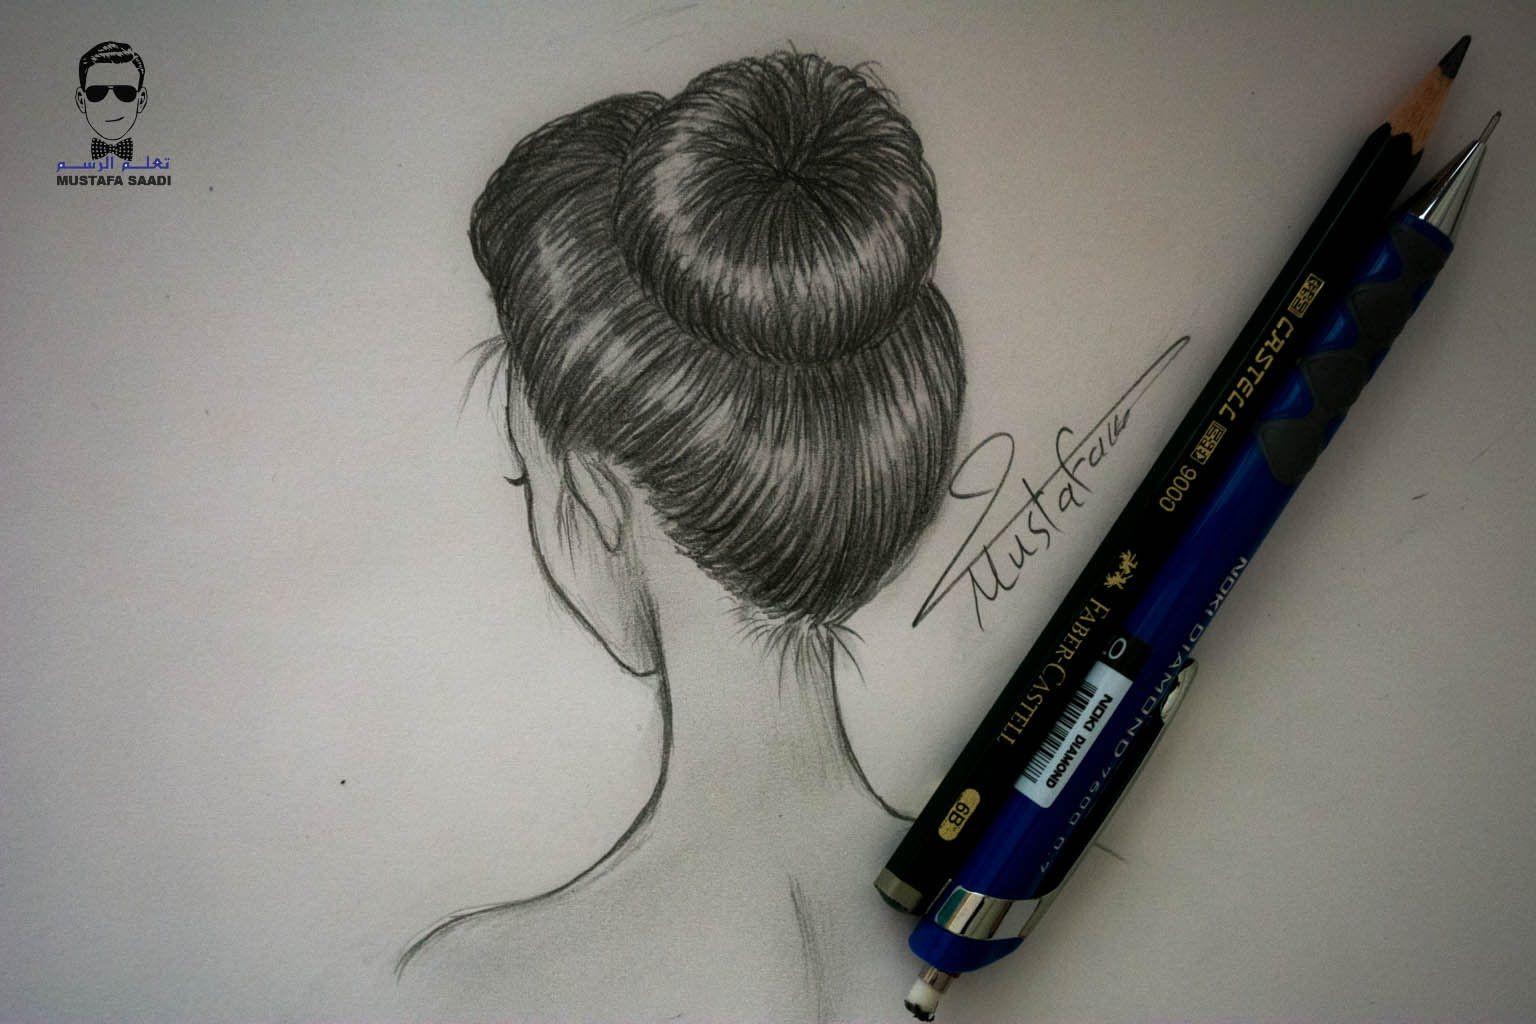 تعلم رسم الشعر بالرصاص بتسريحة الكعكة للمبتدئين My Drawings Drawings How To Draw Hair